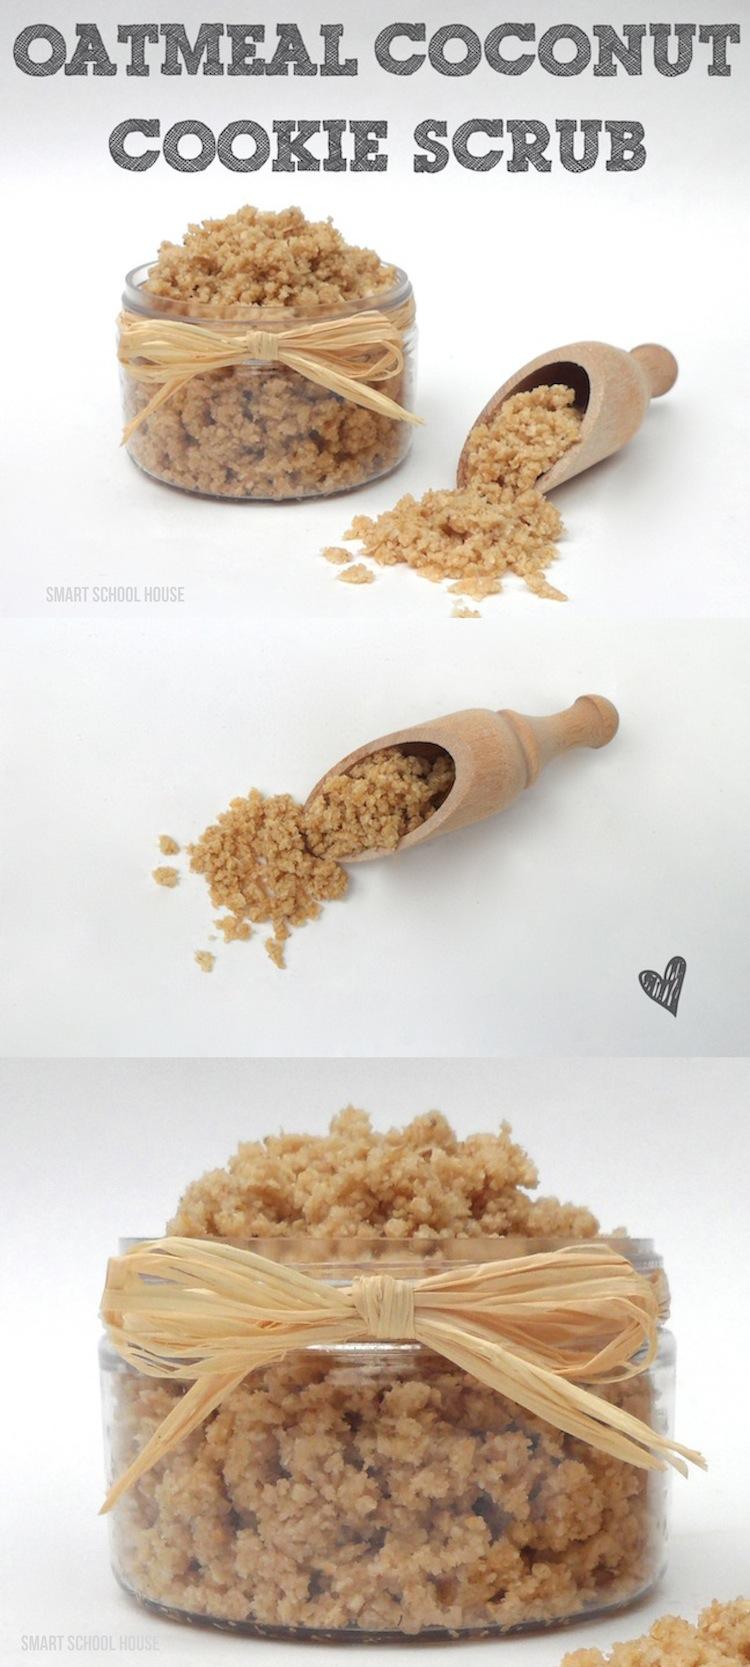 Oatmeal-Coconut-Cookie-Scrub